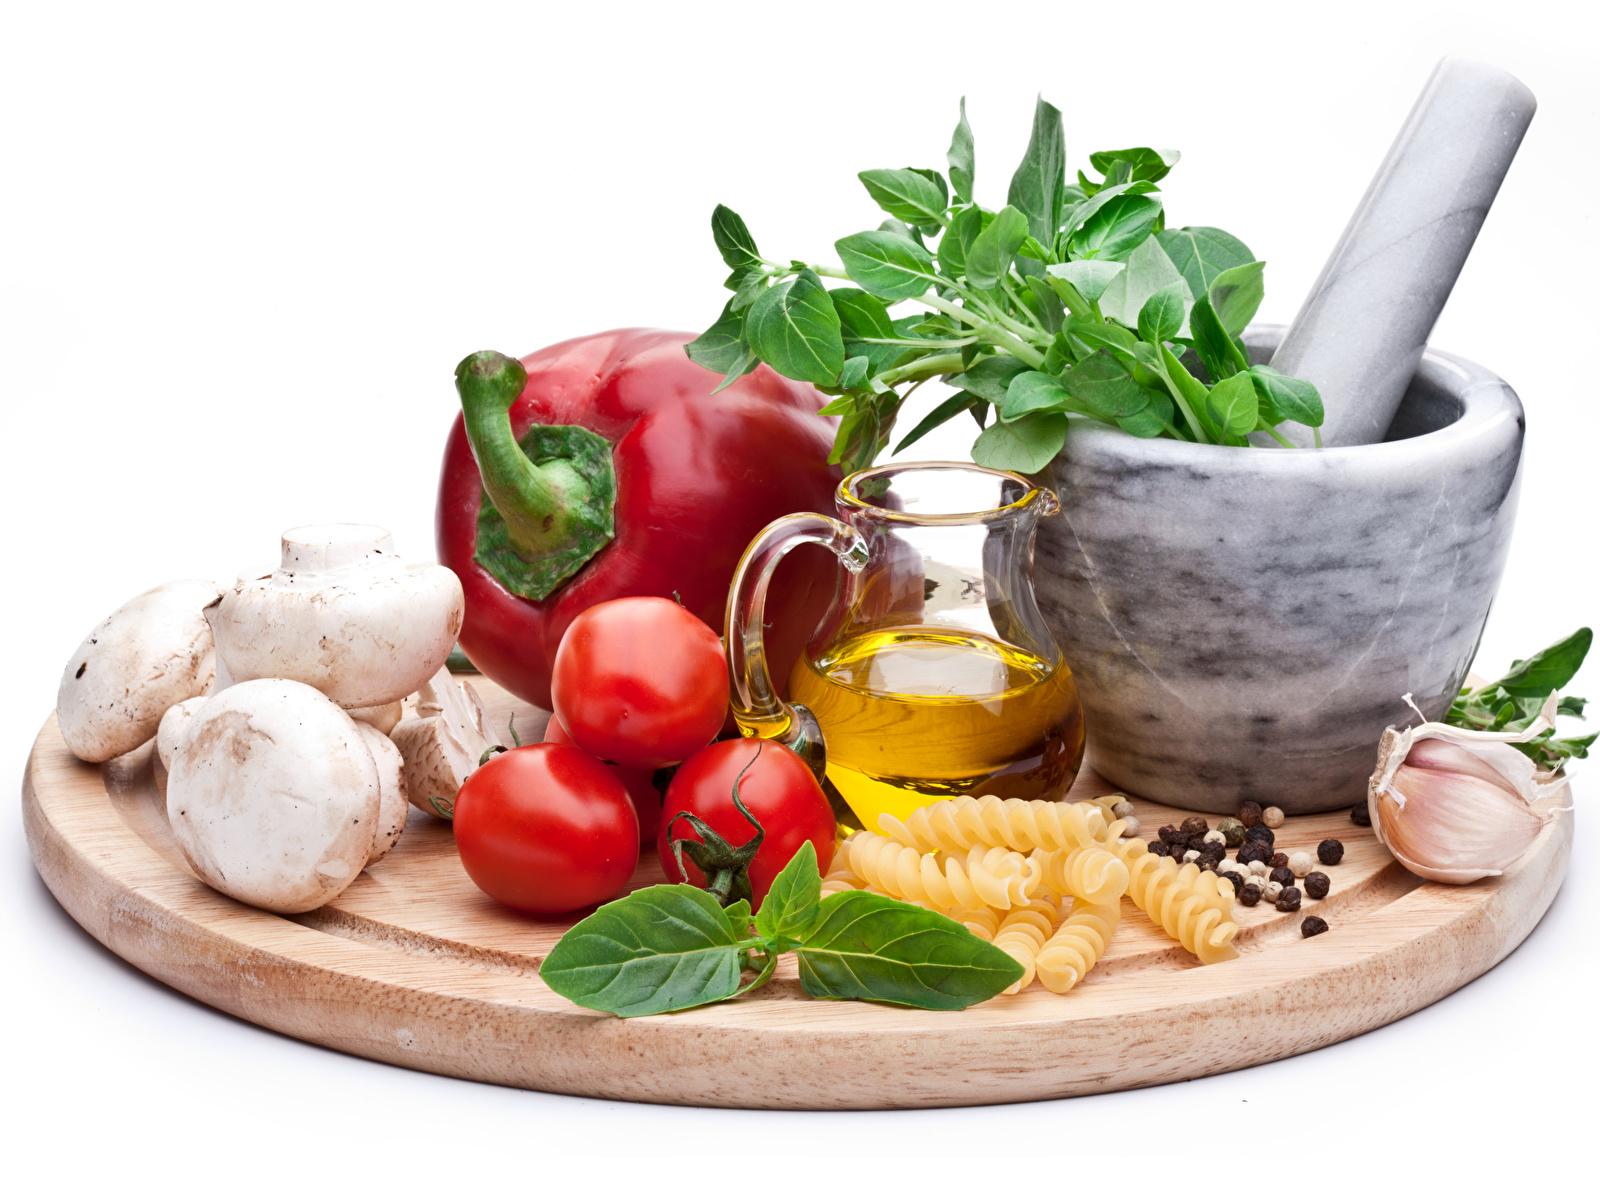 Картинка Помидоры Чеснок кувшины Еда Овощи Перец 1600x1200 Томаты Кувшин Пища перец овощной Продукты питания